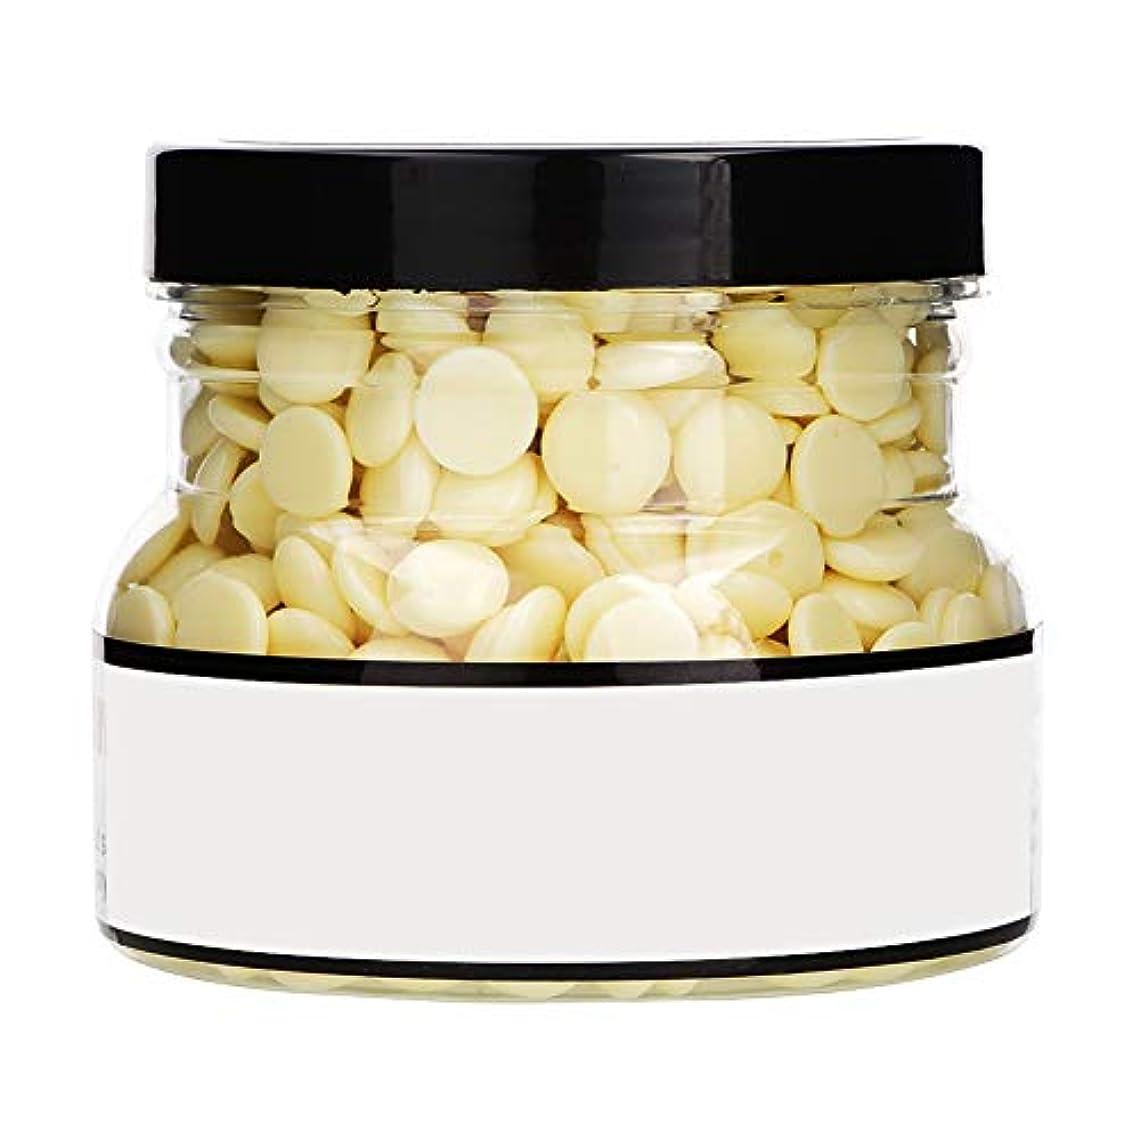 真空豊かにする酸素ワックス豆、インゲン豆、ハードボディ脱毛脱毛ワックス脱毛ワックスボックス固体淡黄色1PCスタイルの250グラム-01